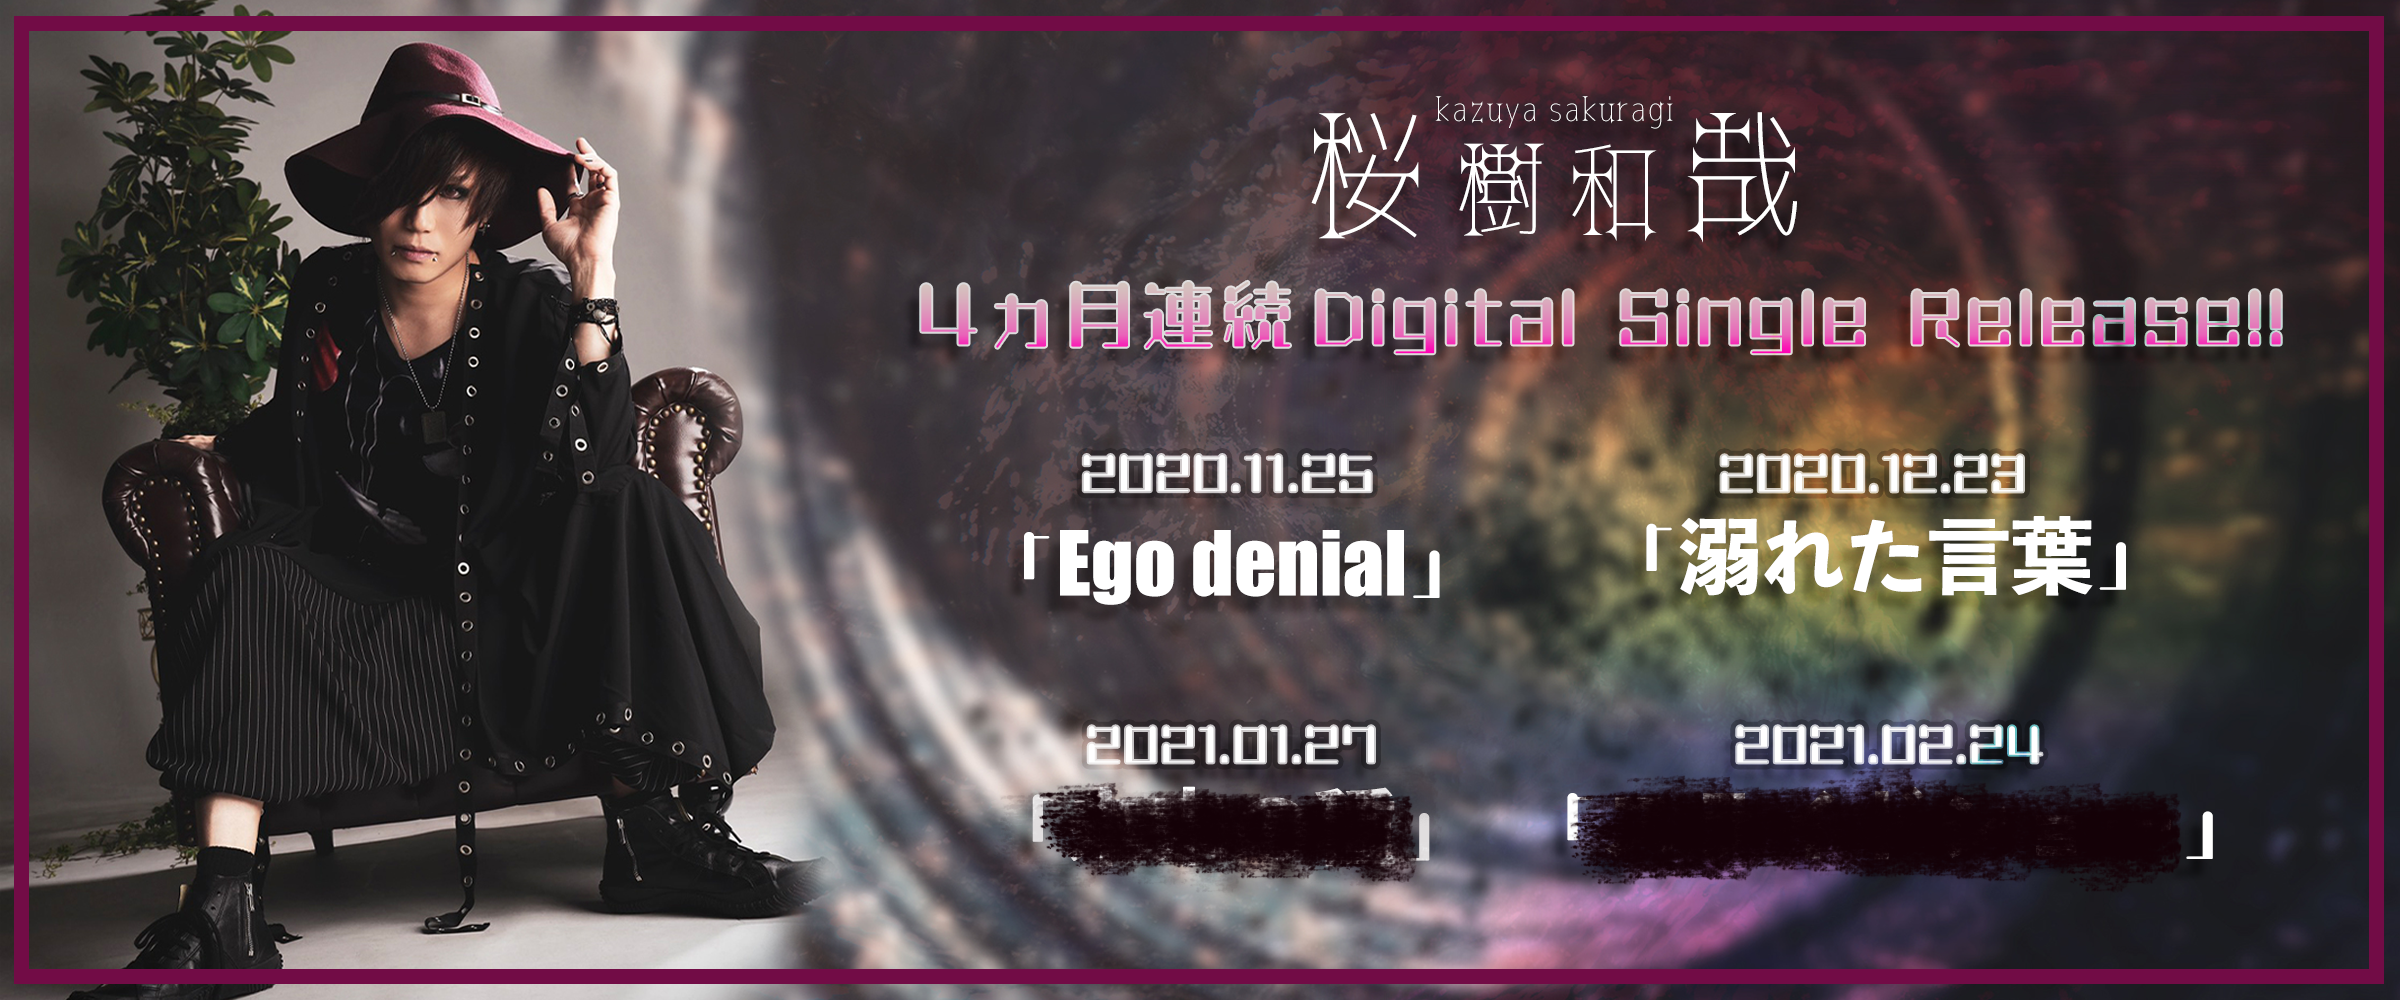 桜樹 和哉 4ヶ月連続Digital Single Release!!